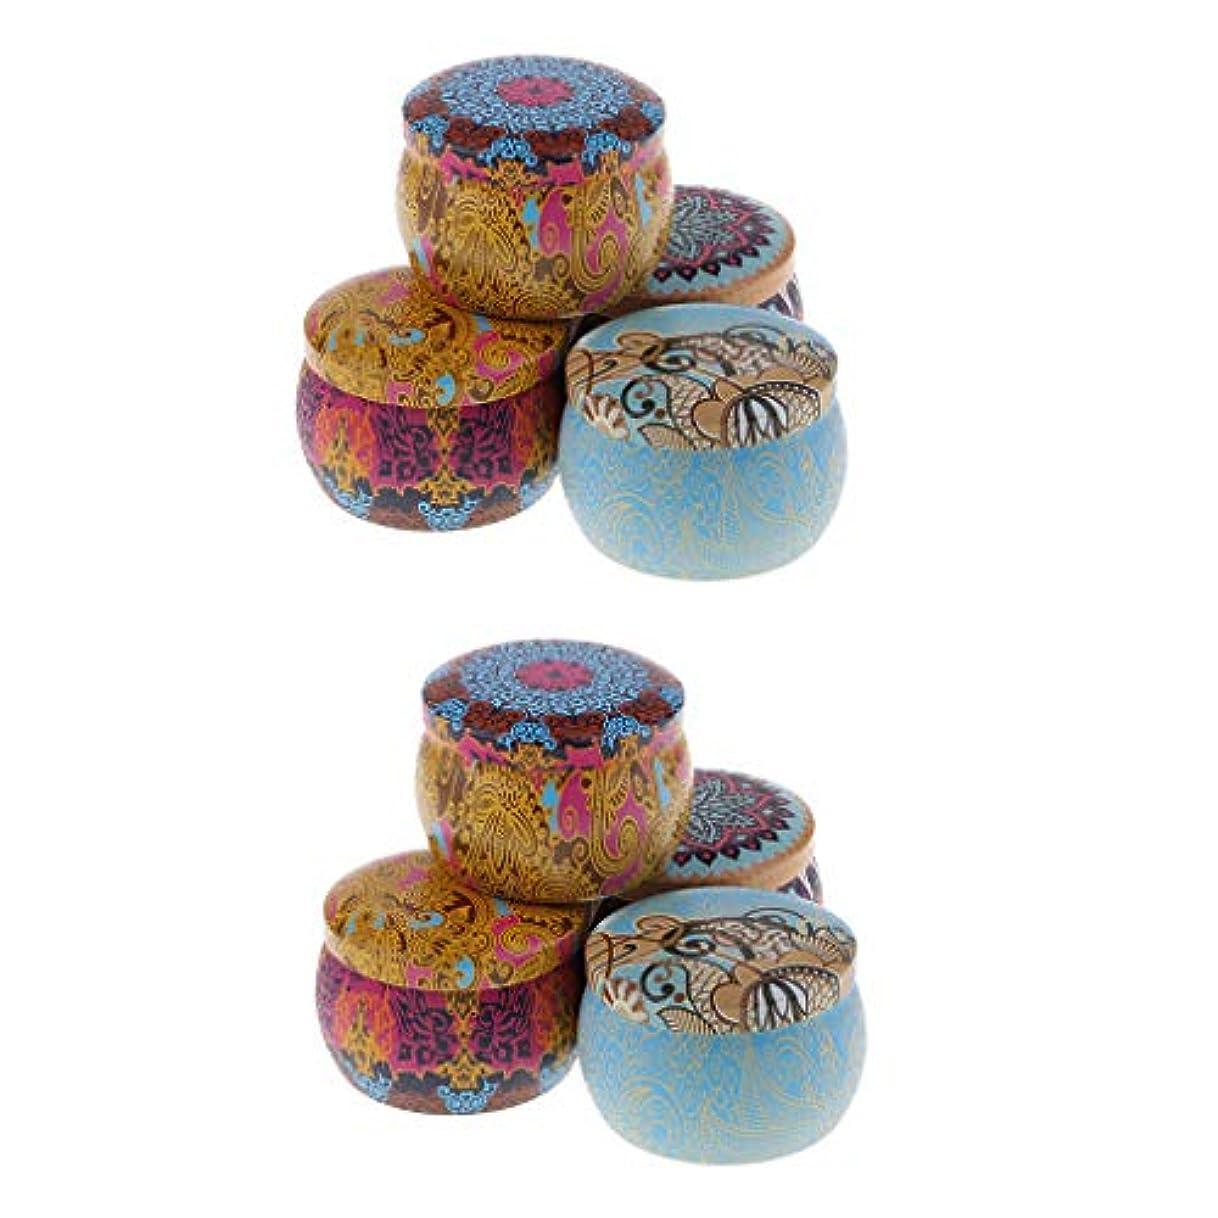 誤解するクレタ提案するアロマキャンドル 缶キャンドル 香りキャンドル スポータブル ナショナルスタイル 8個入り